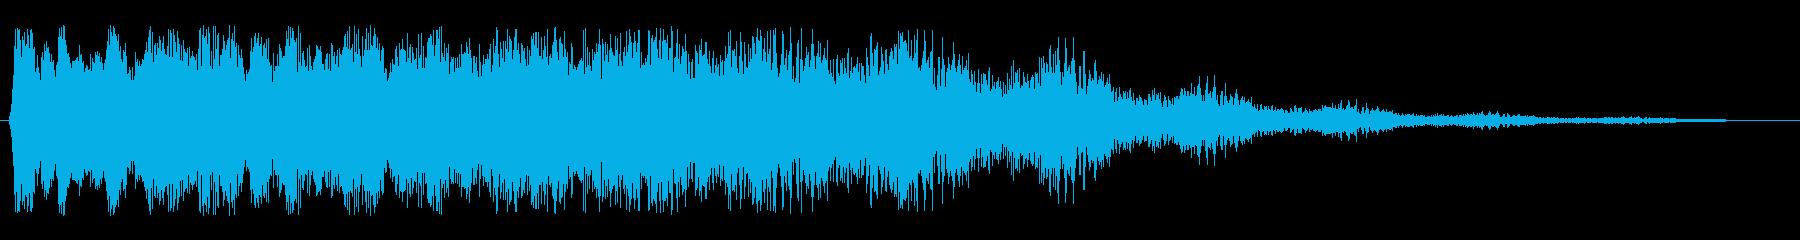 宇宙船通過(ピューン・下がり調子・高音)の再生済みの波形